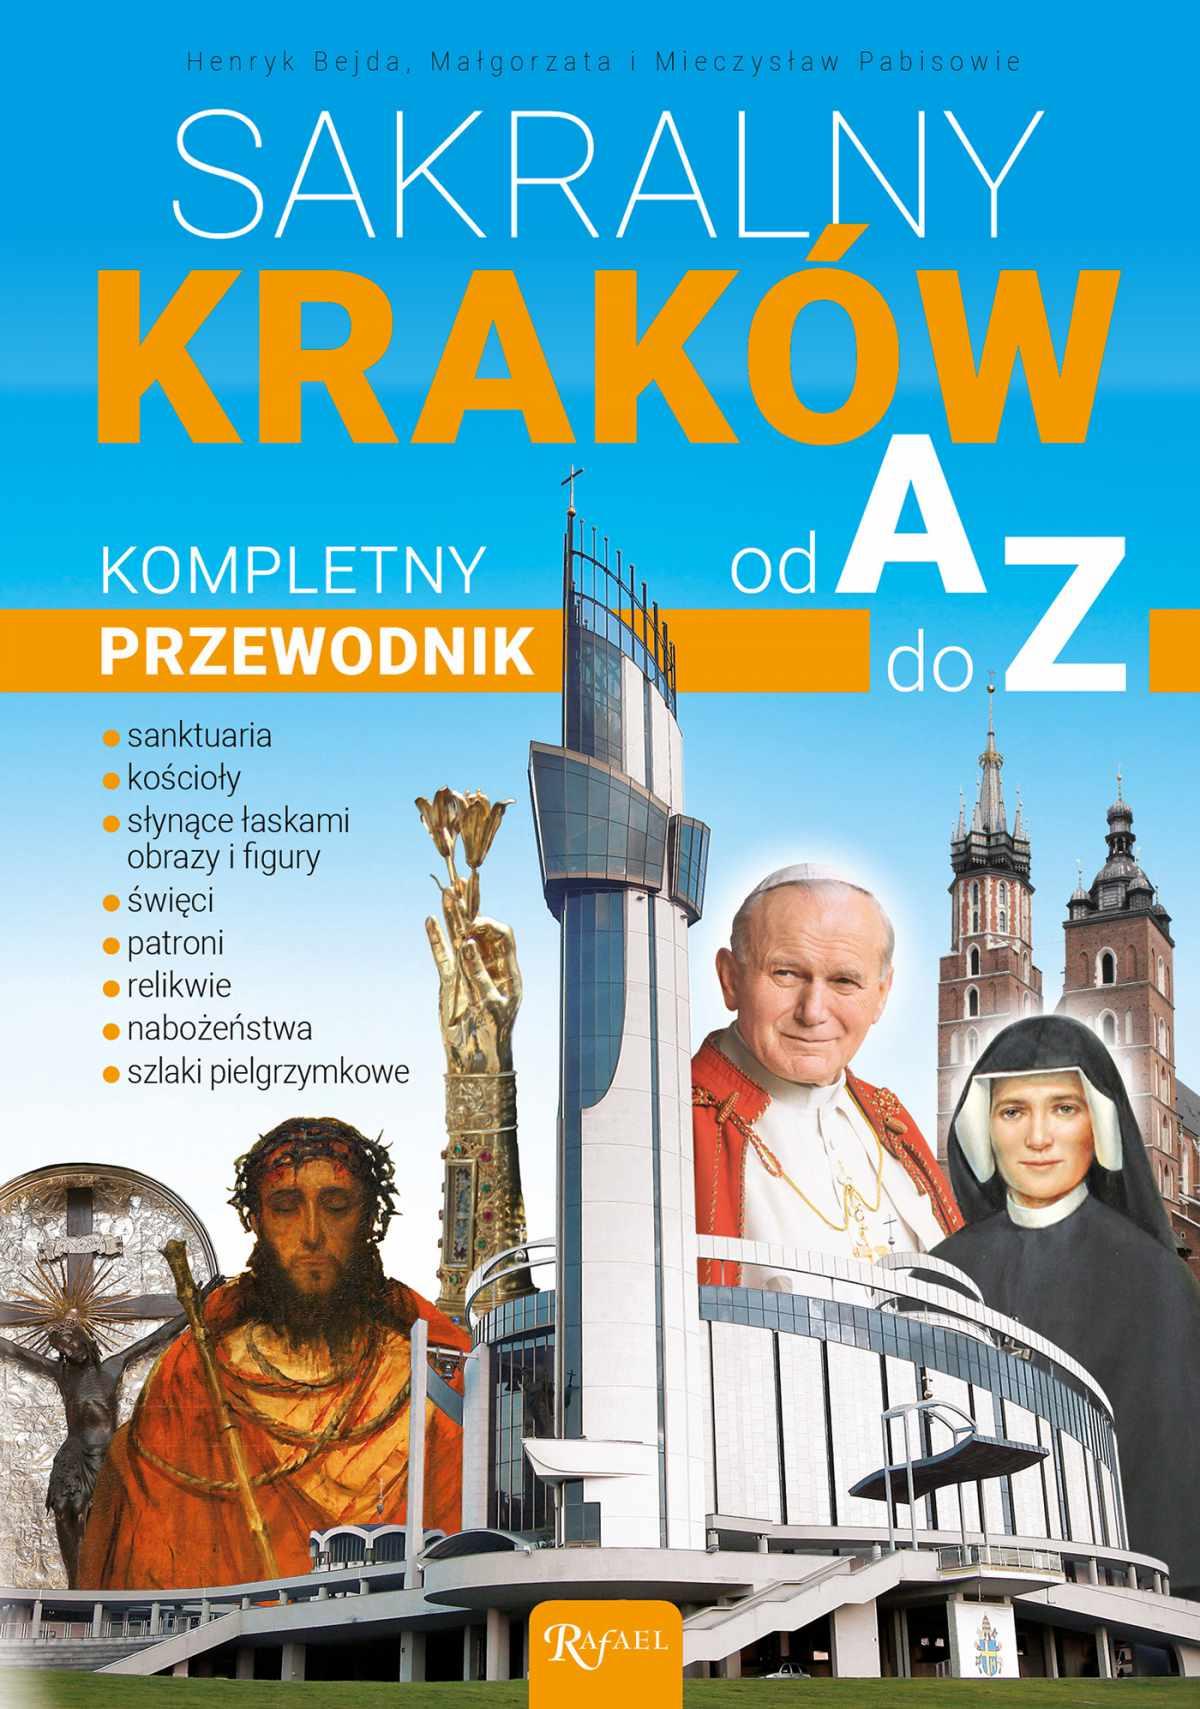 Sakralny Kraków. Kompletny przewodnik od A do Z - Ebook (Książka PDF) do pobrania w formacie PDF